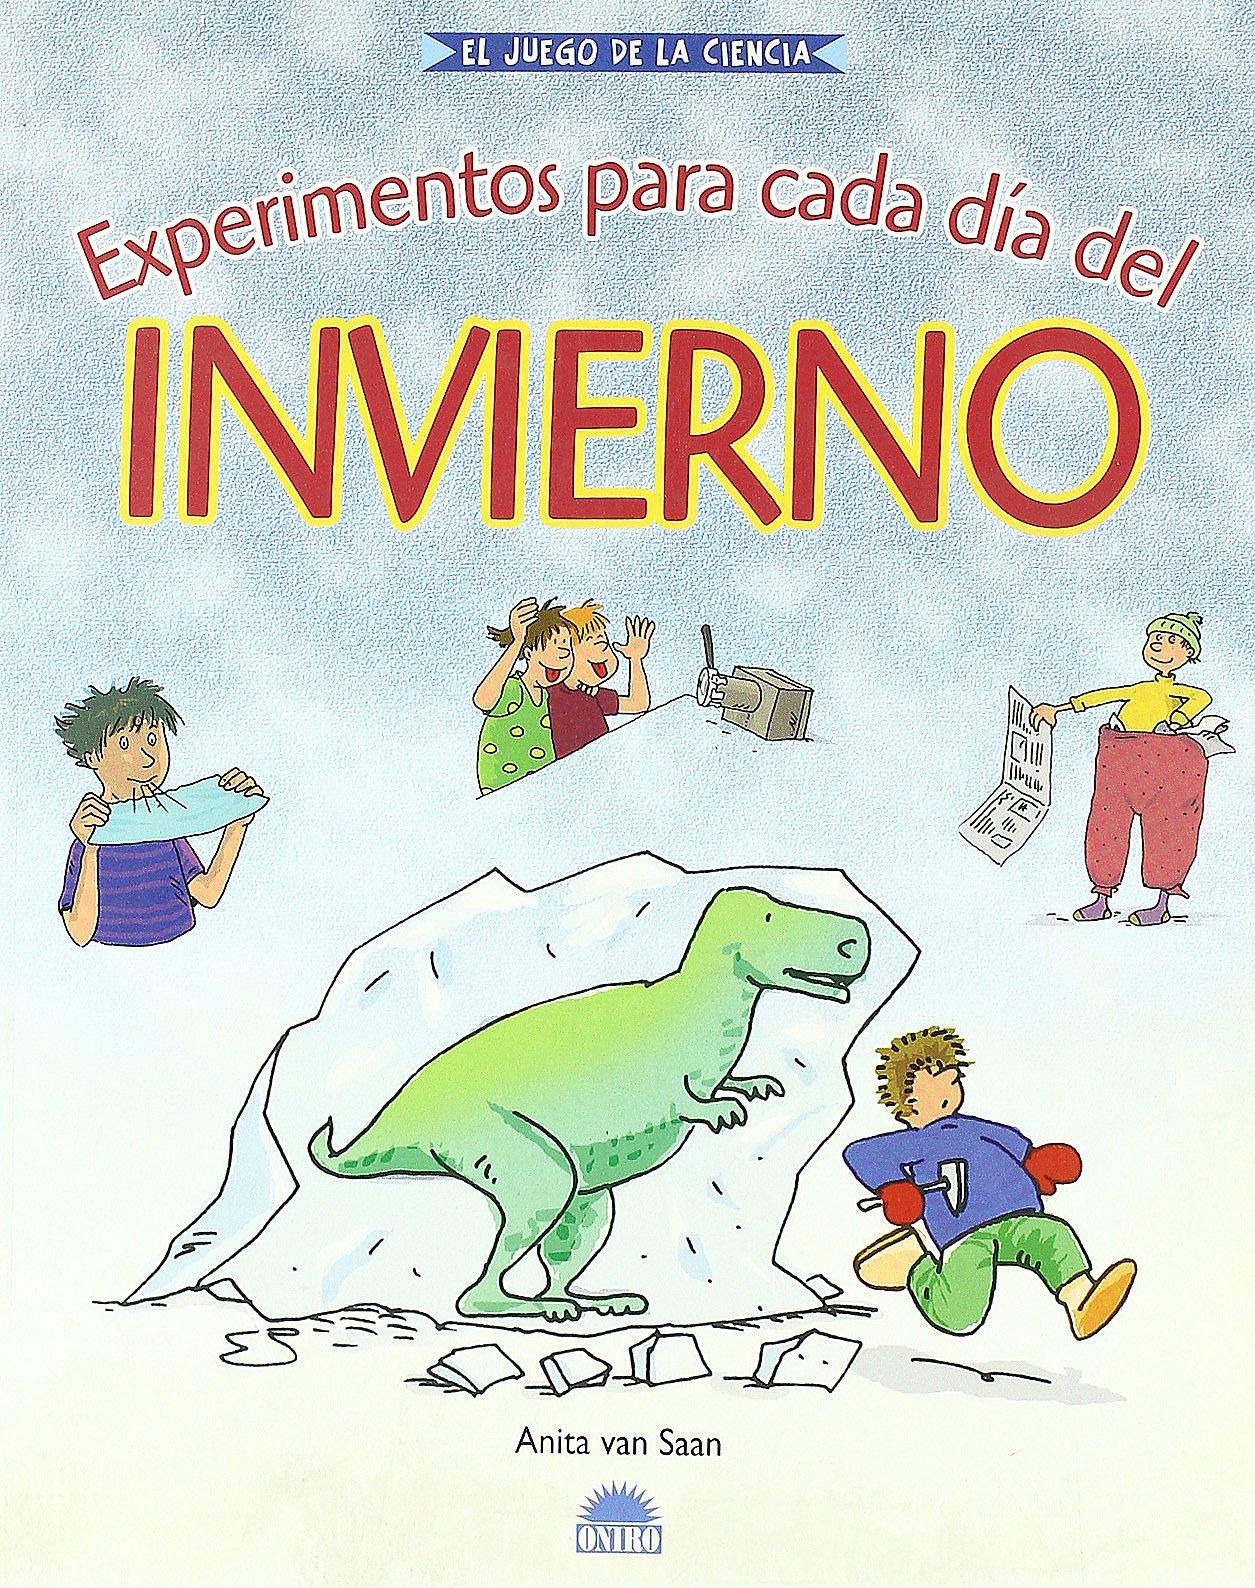 Download Experimentos Para Cada Dia Del Invierno / Experiments for Every Day of Winter (El Juego De La Ciencia / The Game of Science) (Spanish Edition) pdf epub